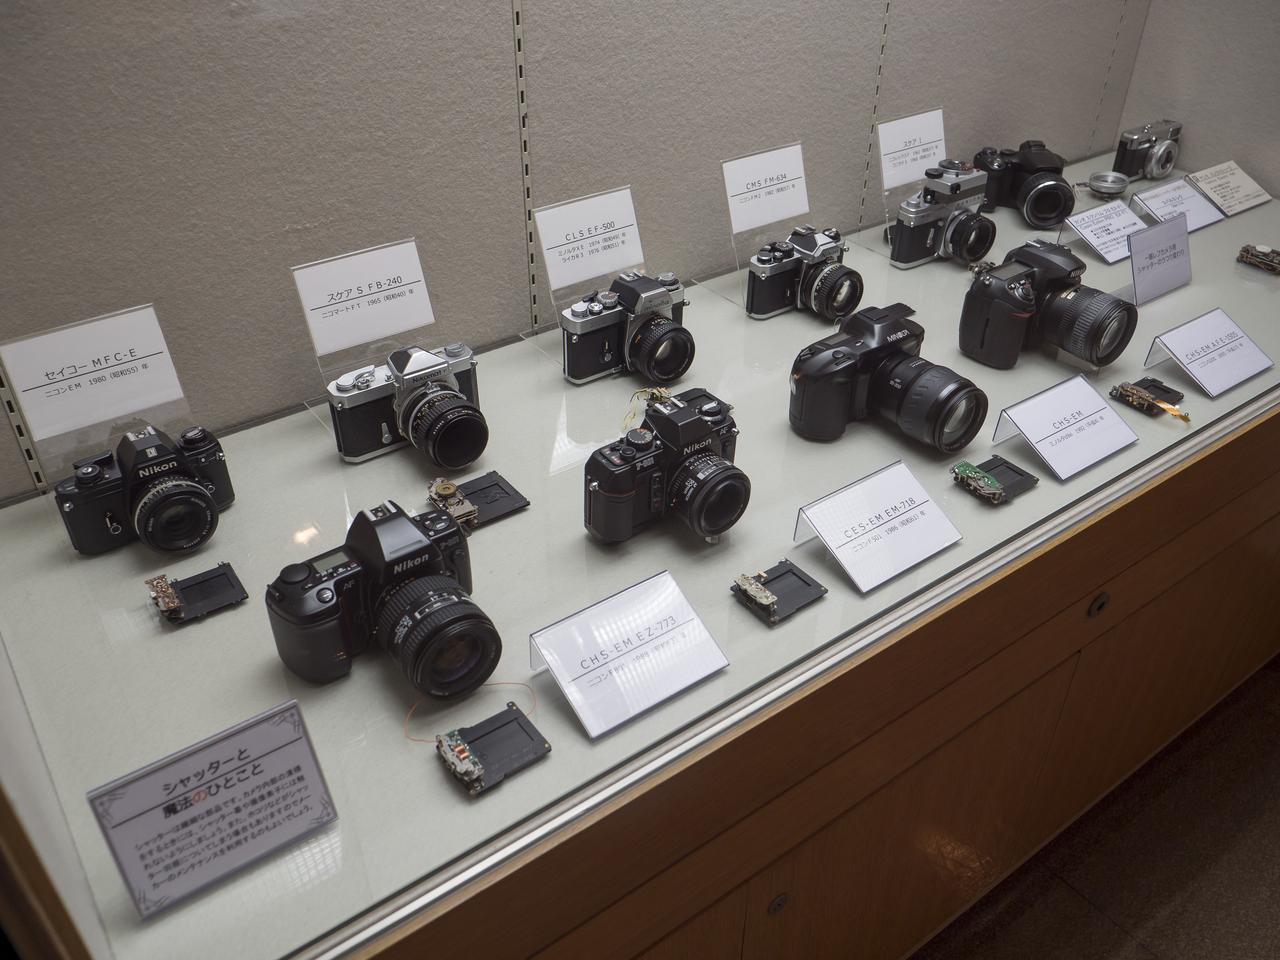 画像: シャッターの魔法コーナー。各カメラとシャッターユニットが展示される